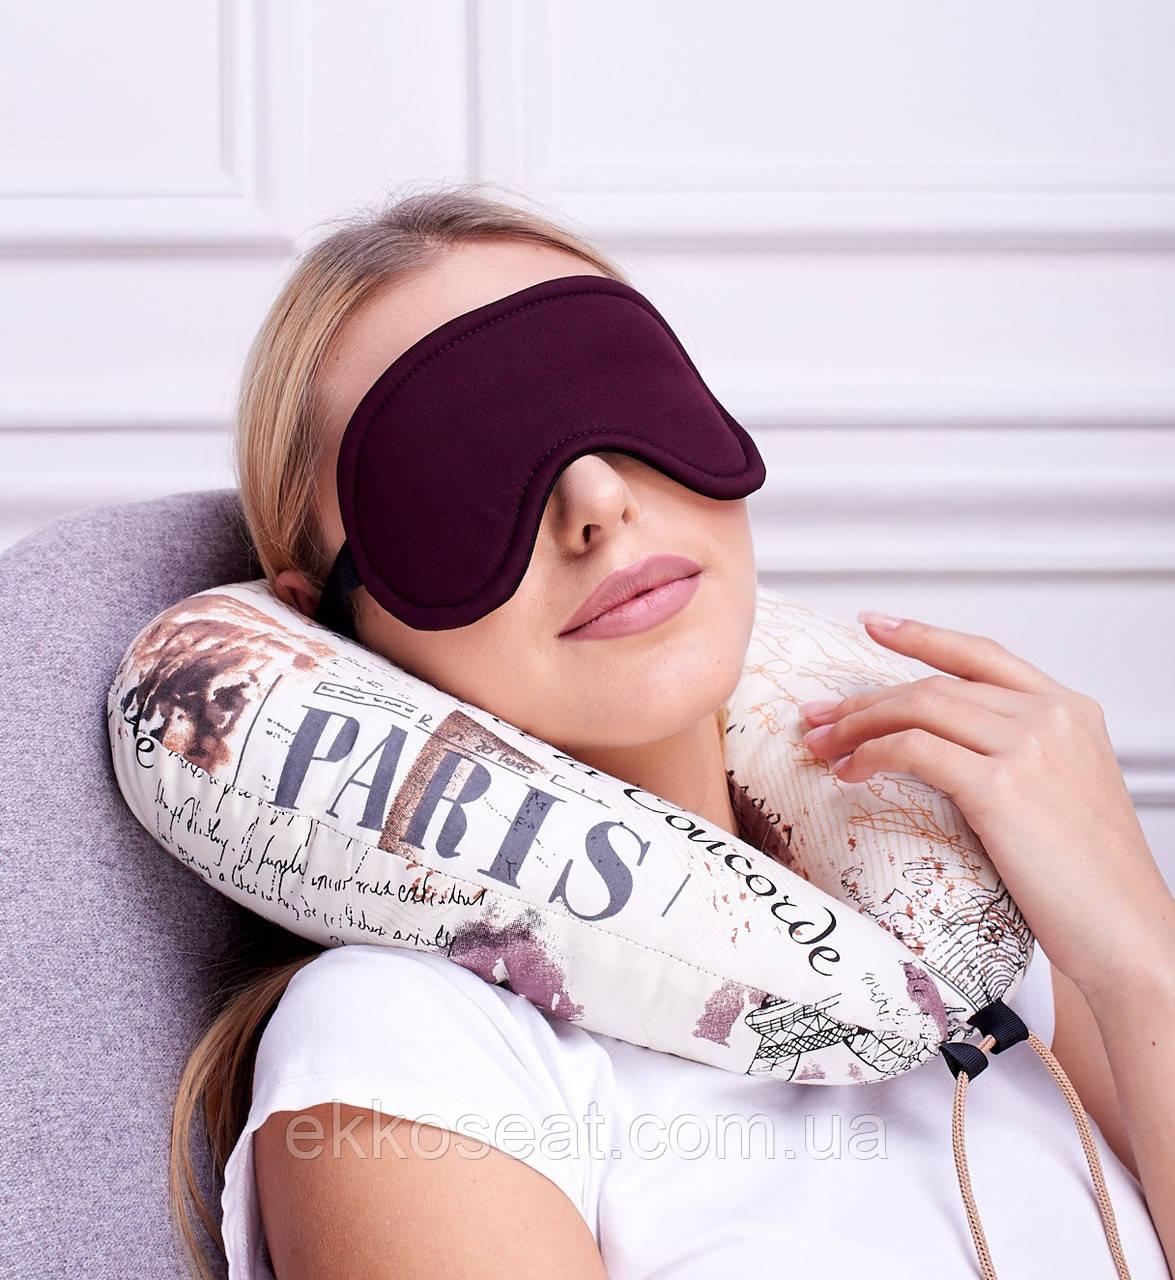 Подушка для подорожей EKKOSEAT дорожня для шиї з маскою. Париж. Бінарна з велюровою вставкою під шию